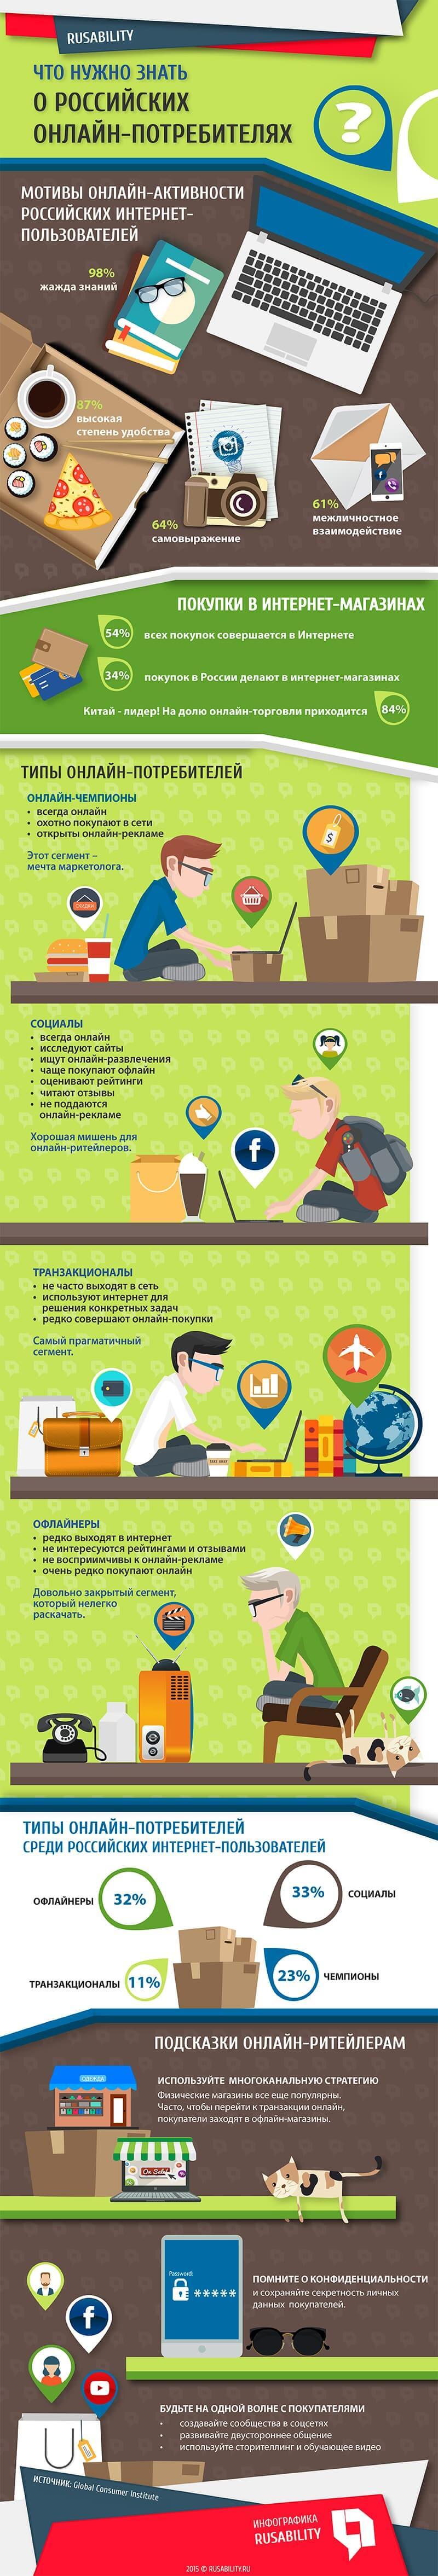 e-commerce, потребители, онлайн-активность, Инфографика, Покупки, ритейл, стратегия, исследования